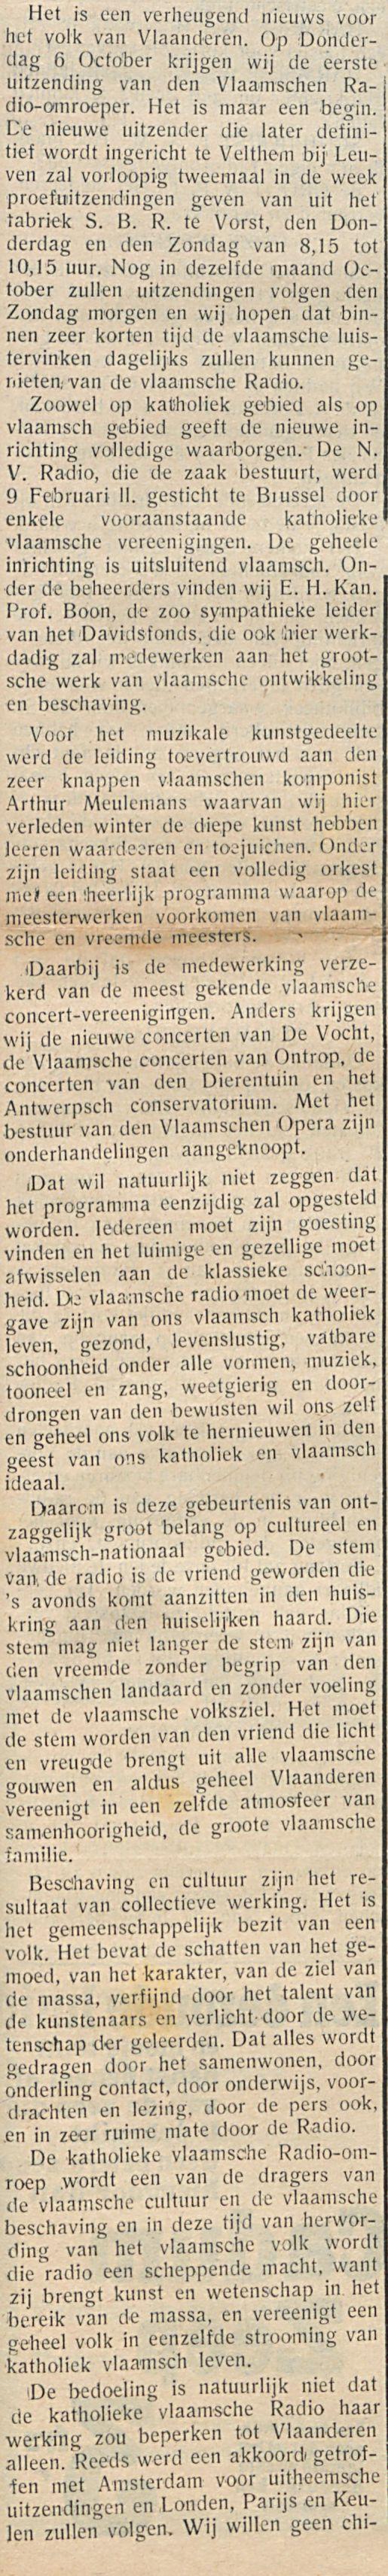 Vlaanderen heeft zijn Katholieke-1